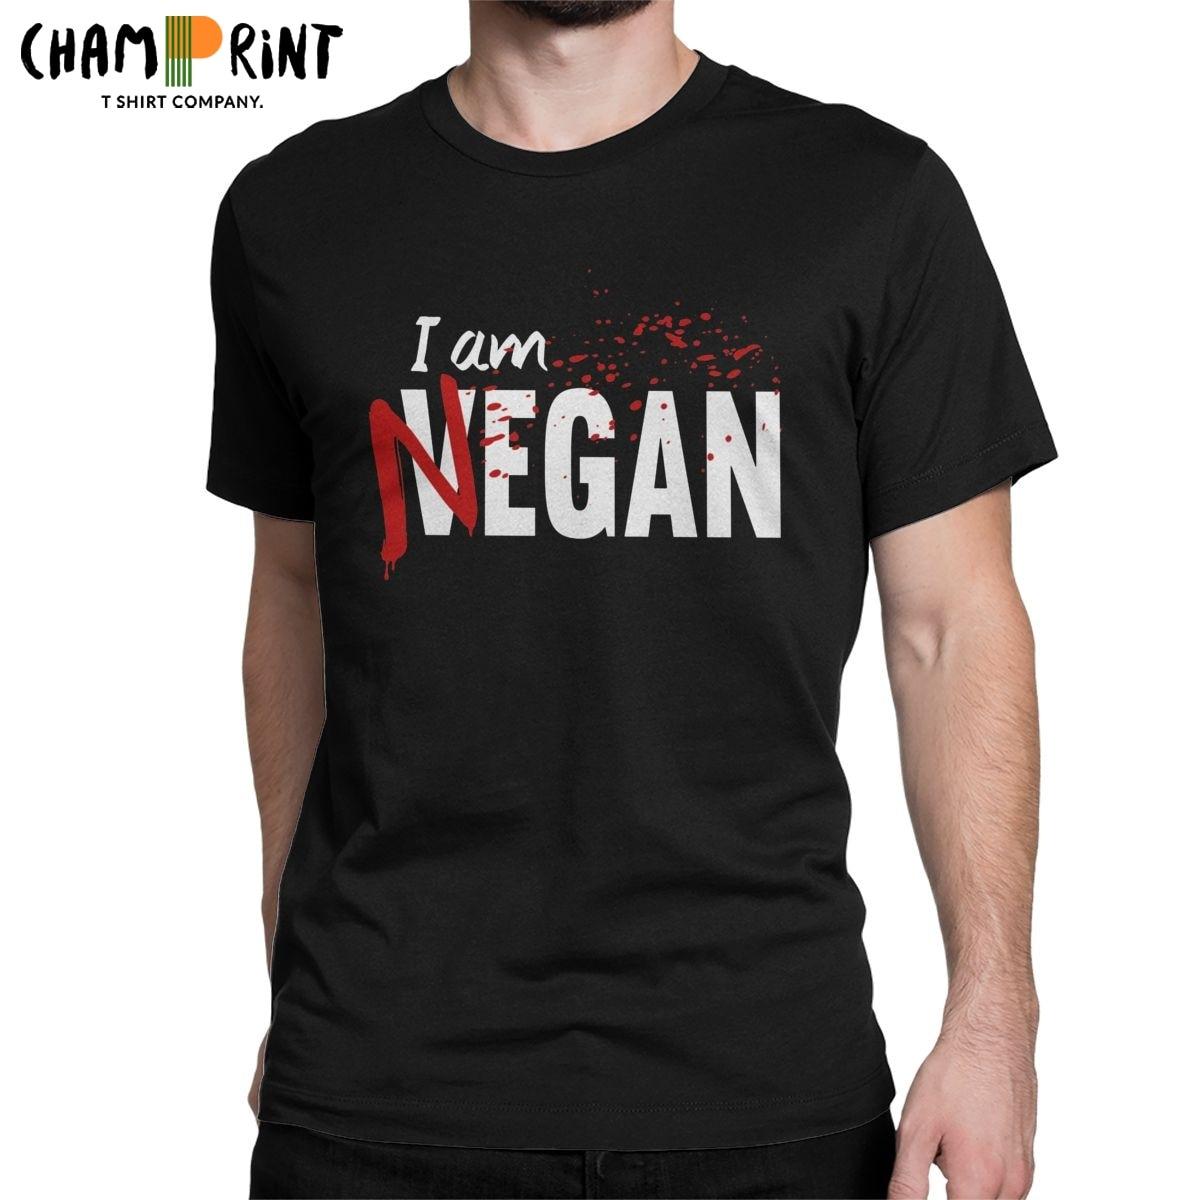 uomo-i'm-negan-the-walking-dead-t-shirt-abbigliamento-in-cotone-divertente-t-shirt-girocollo-manica-corta-t-shirt-taglie-forti